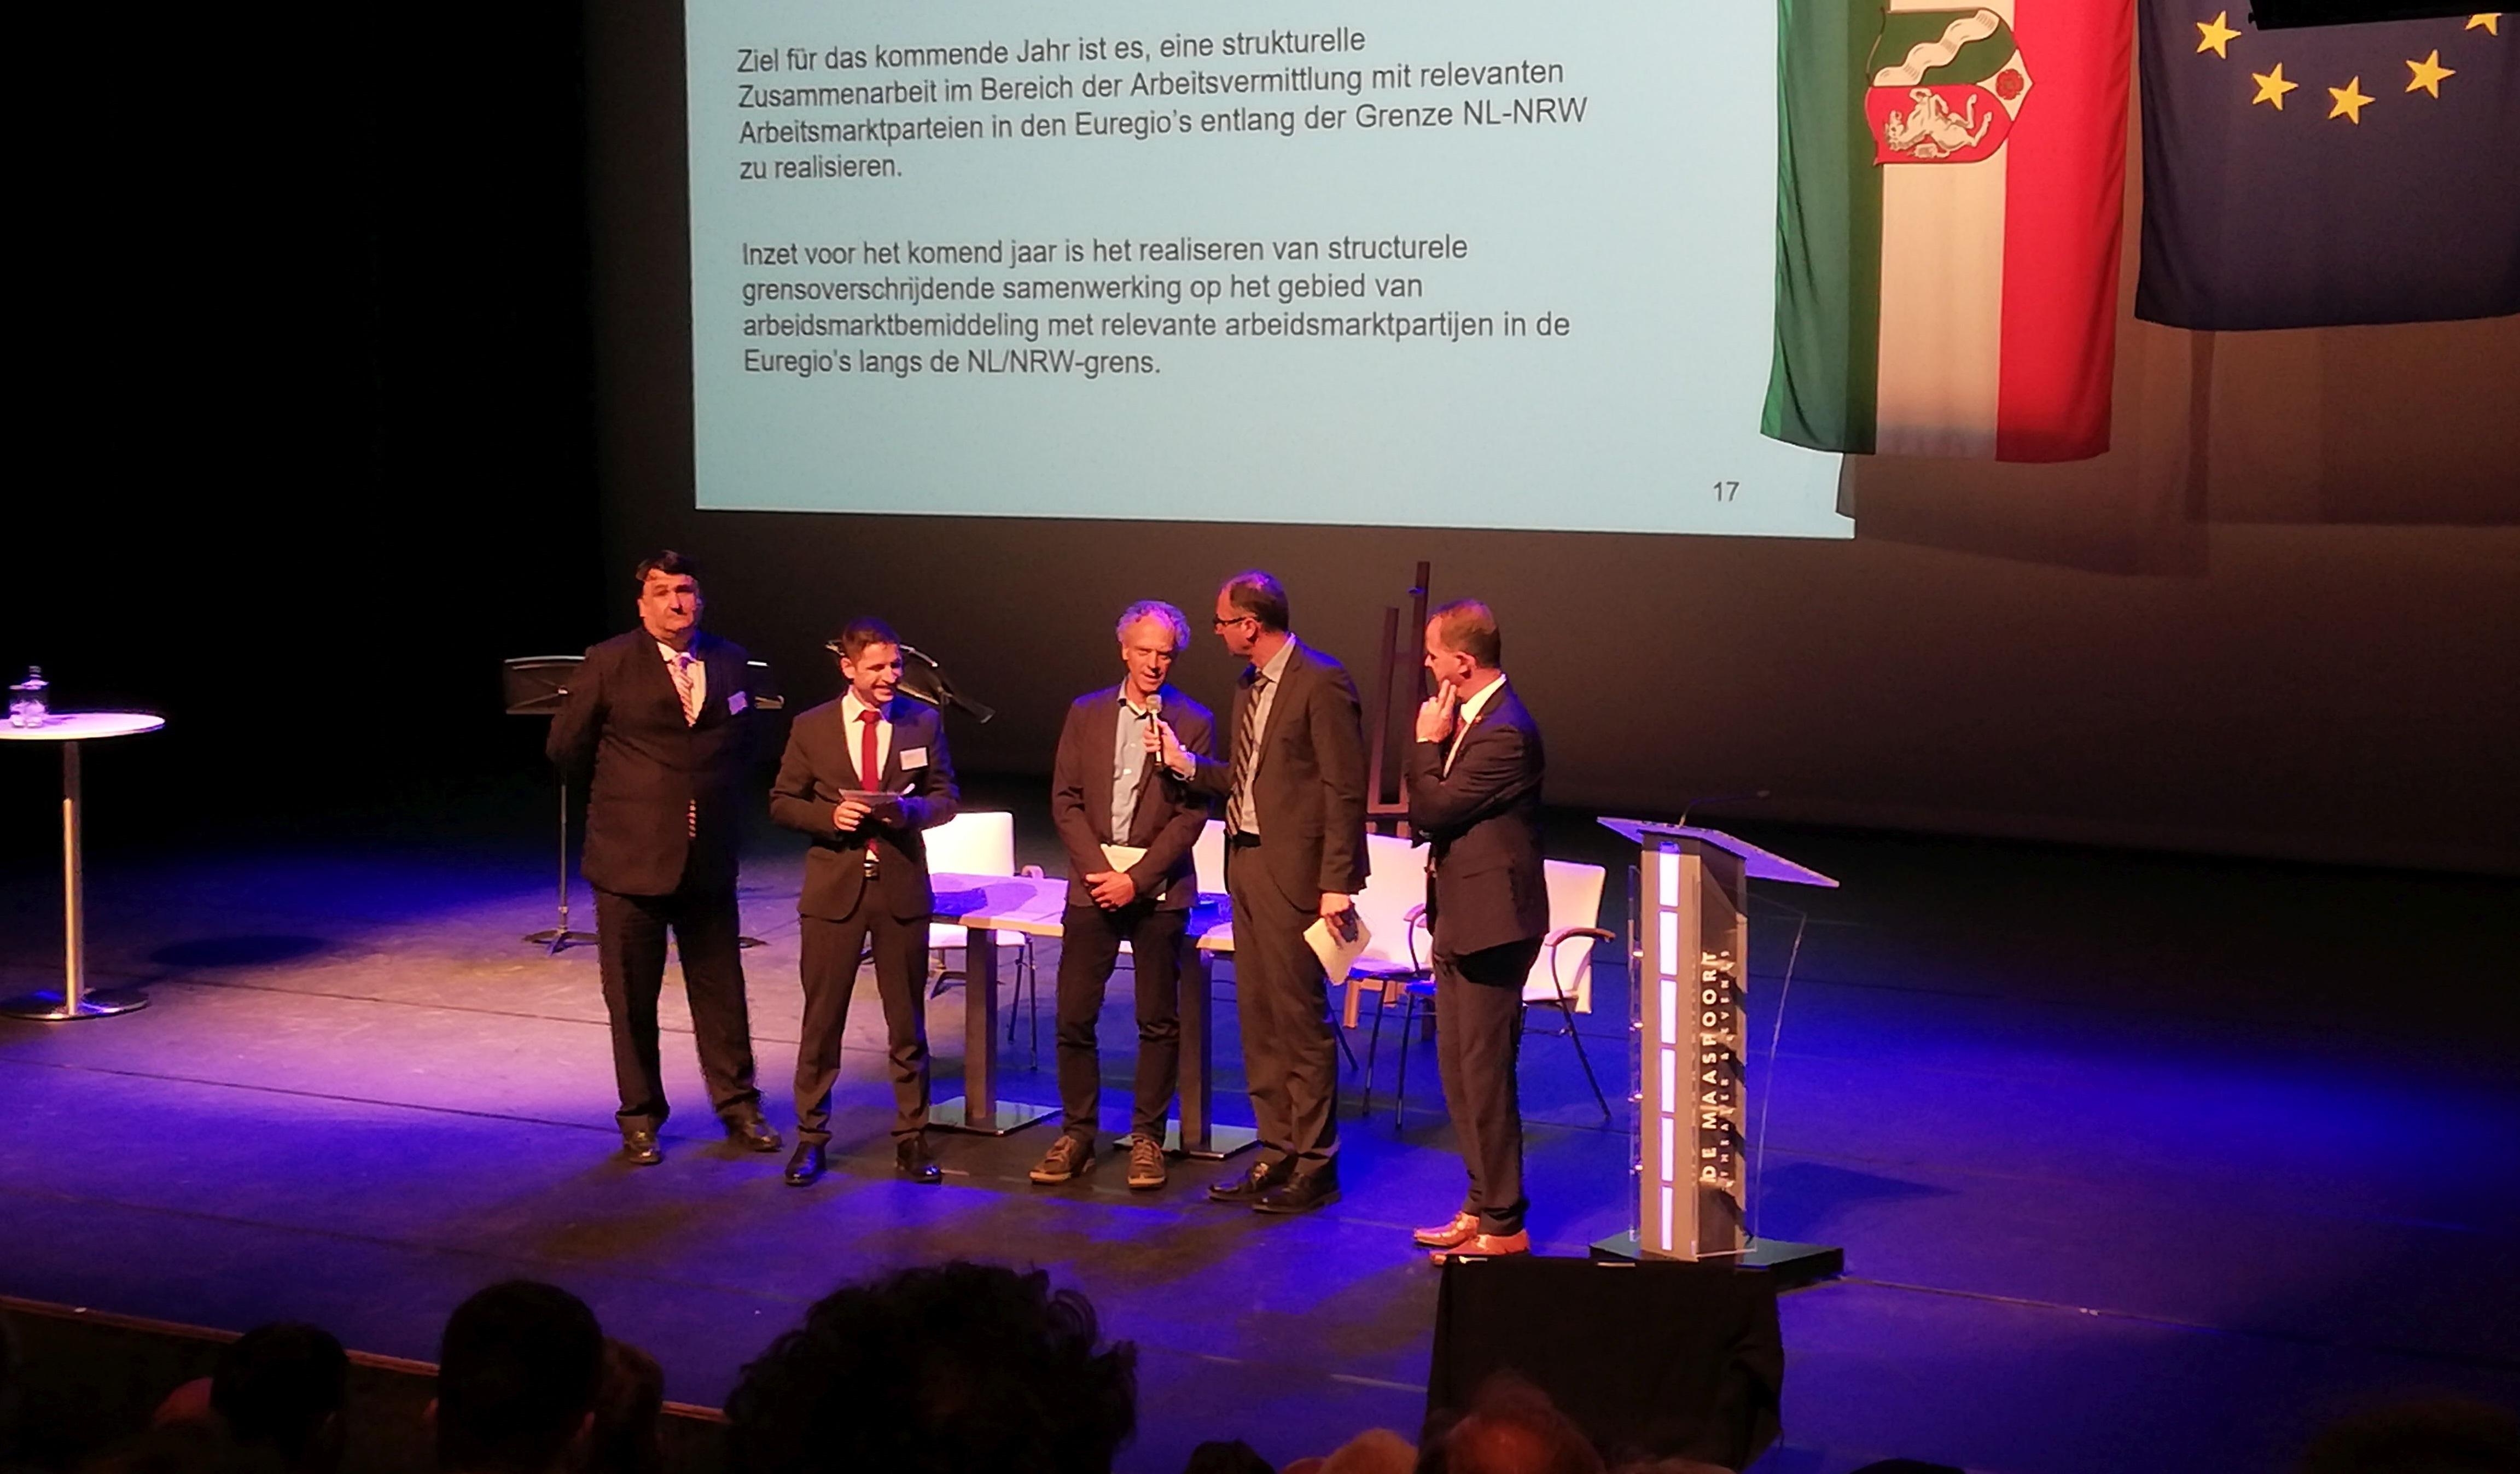 Succesvolle eerste Grenslandconferentie tussen Noordrijn-Westfalen en Nederland